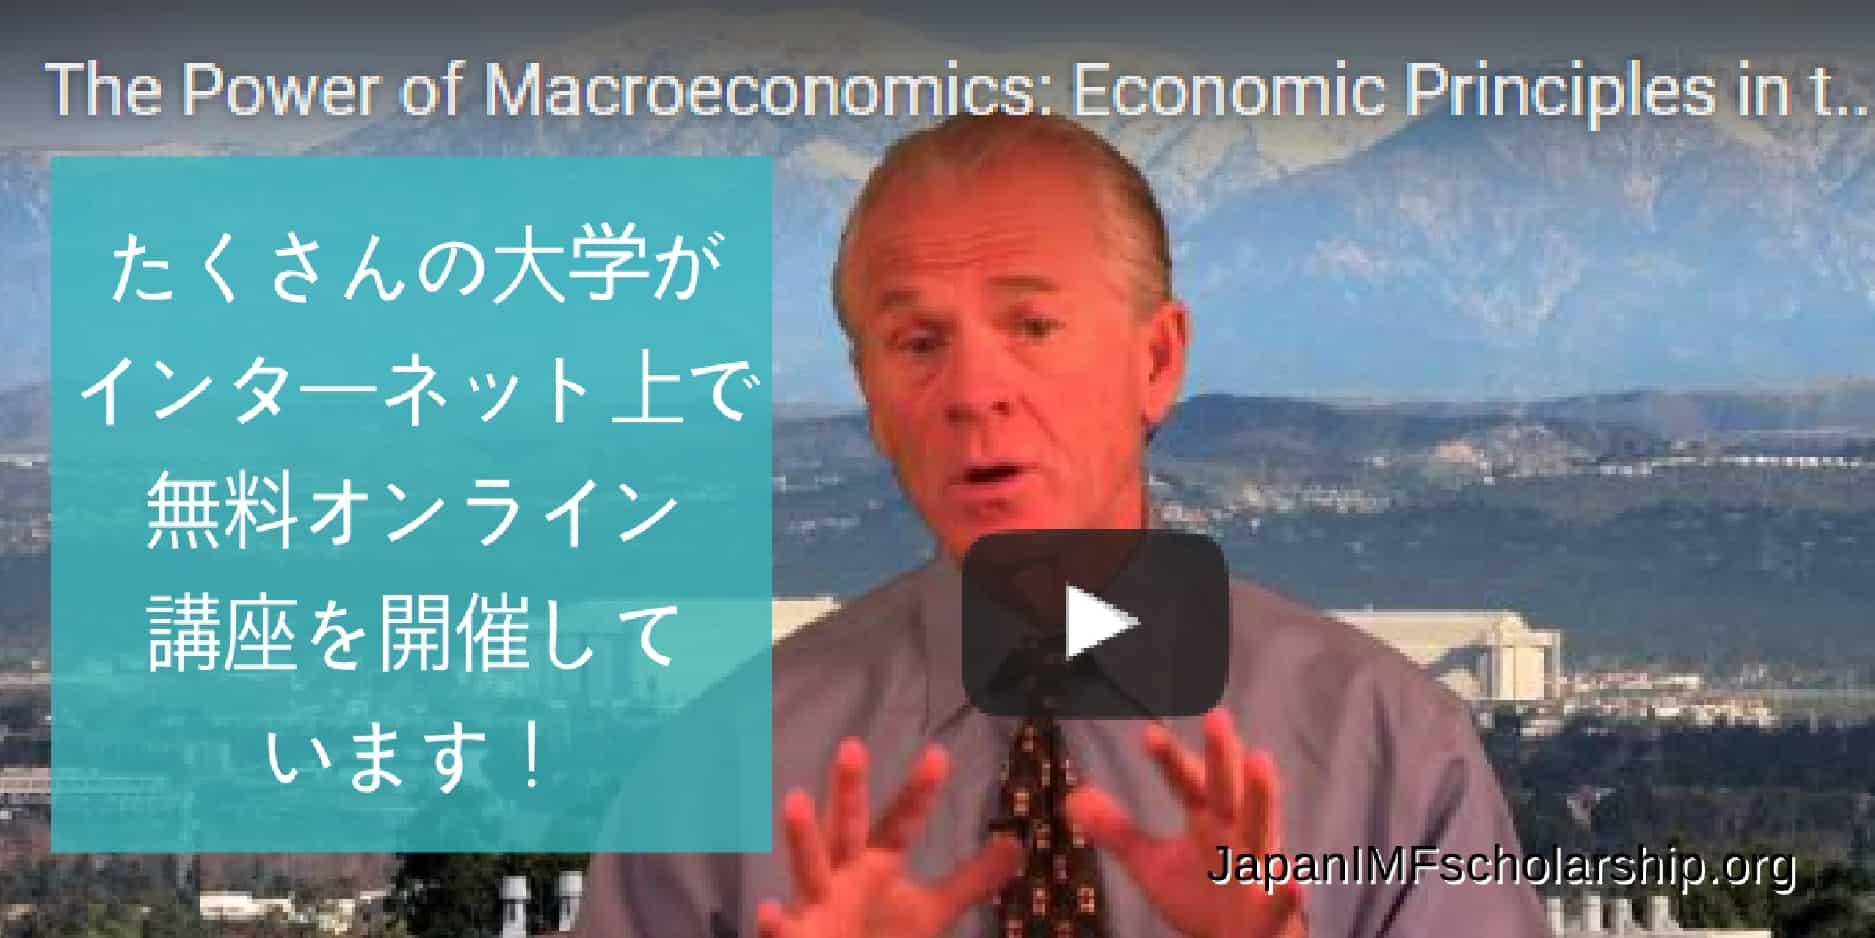 たくさんの大学がインターネット上で無料オンライン講座を開催しています  visit japanimfscholarship.org